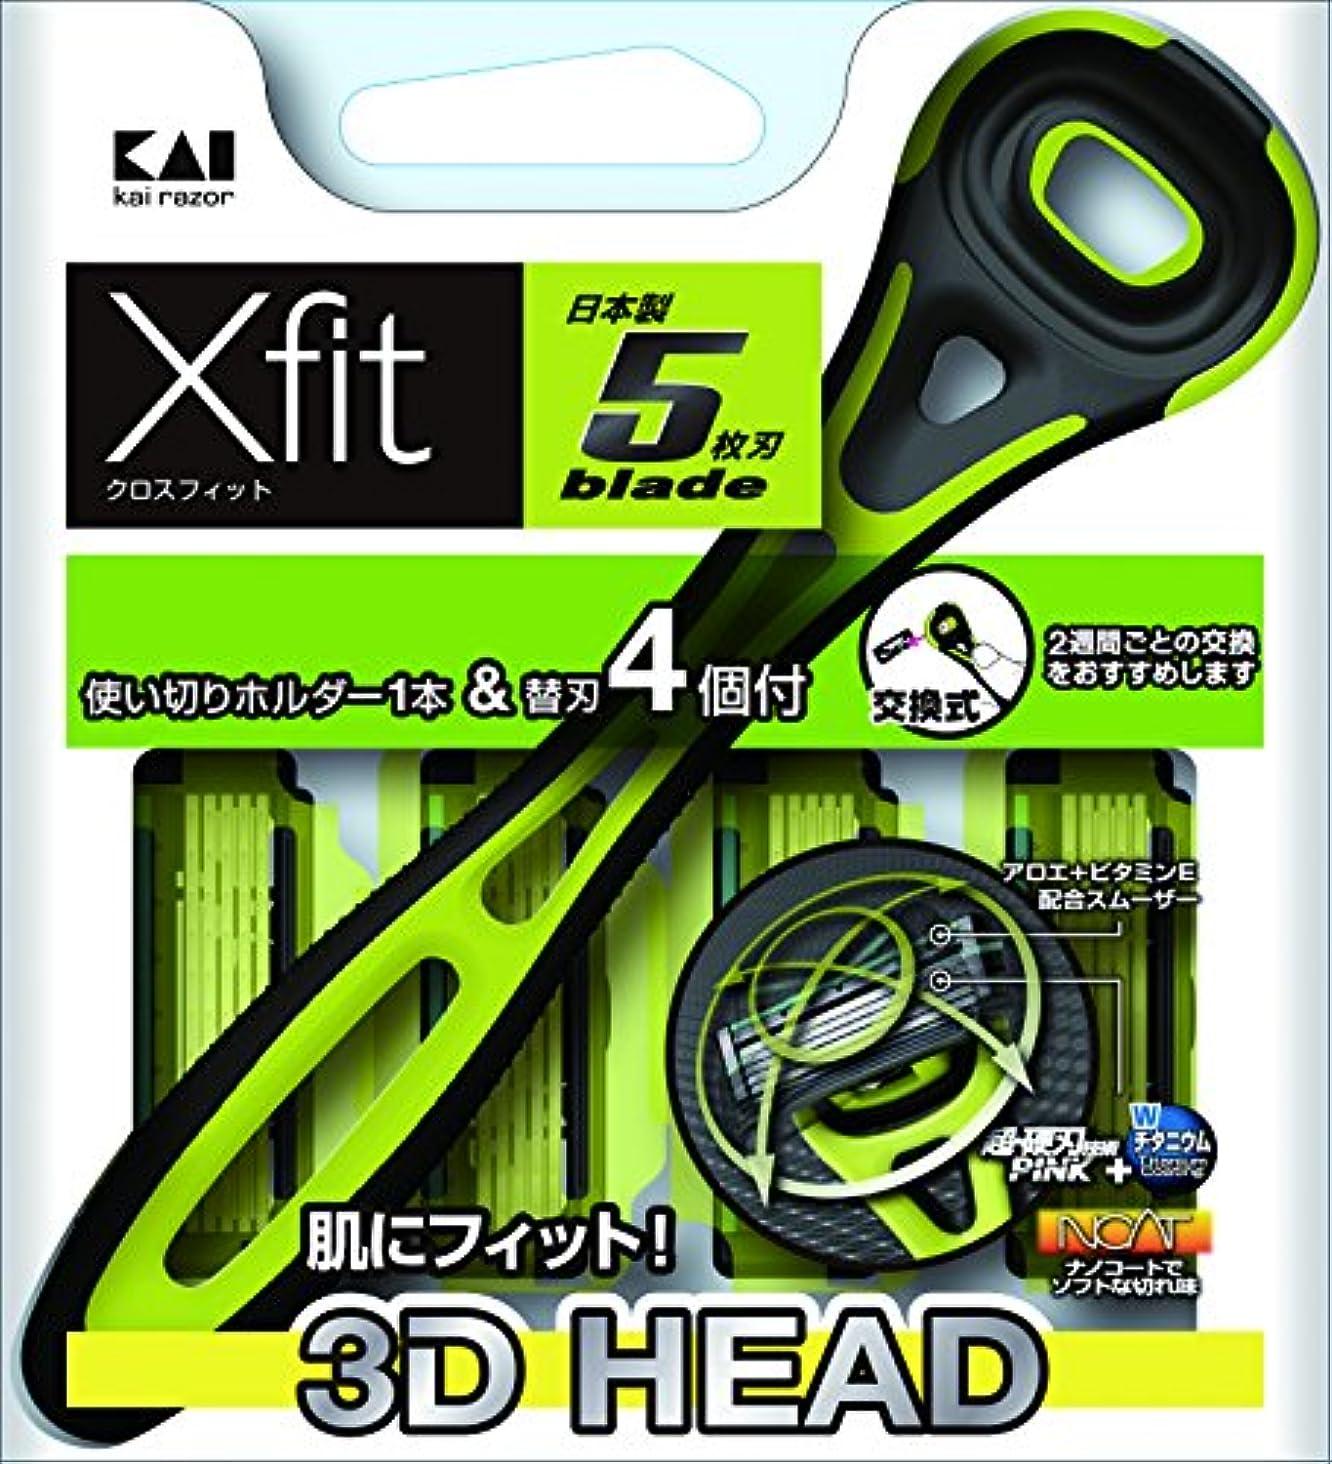 トロリー振幅シーズンXfit(クロスフィット)5枚刃 クリアパッケージ 使い切りホルダー+替刃4個